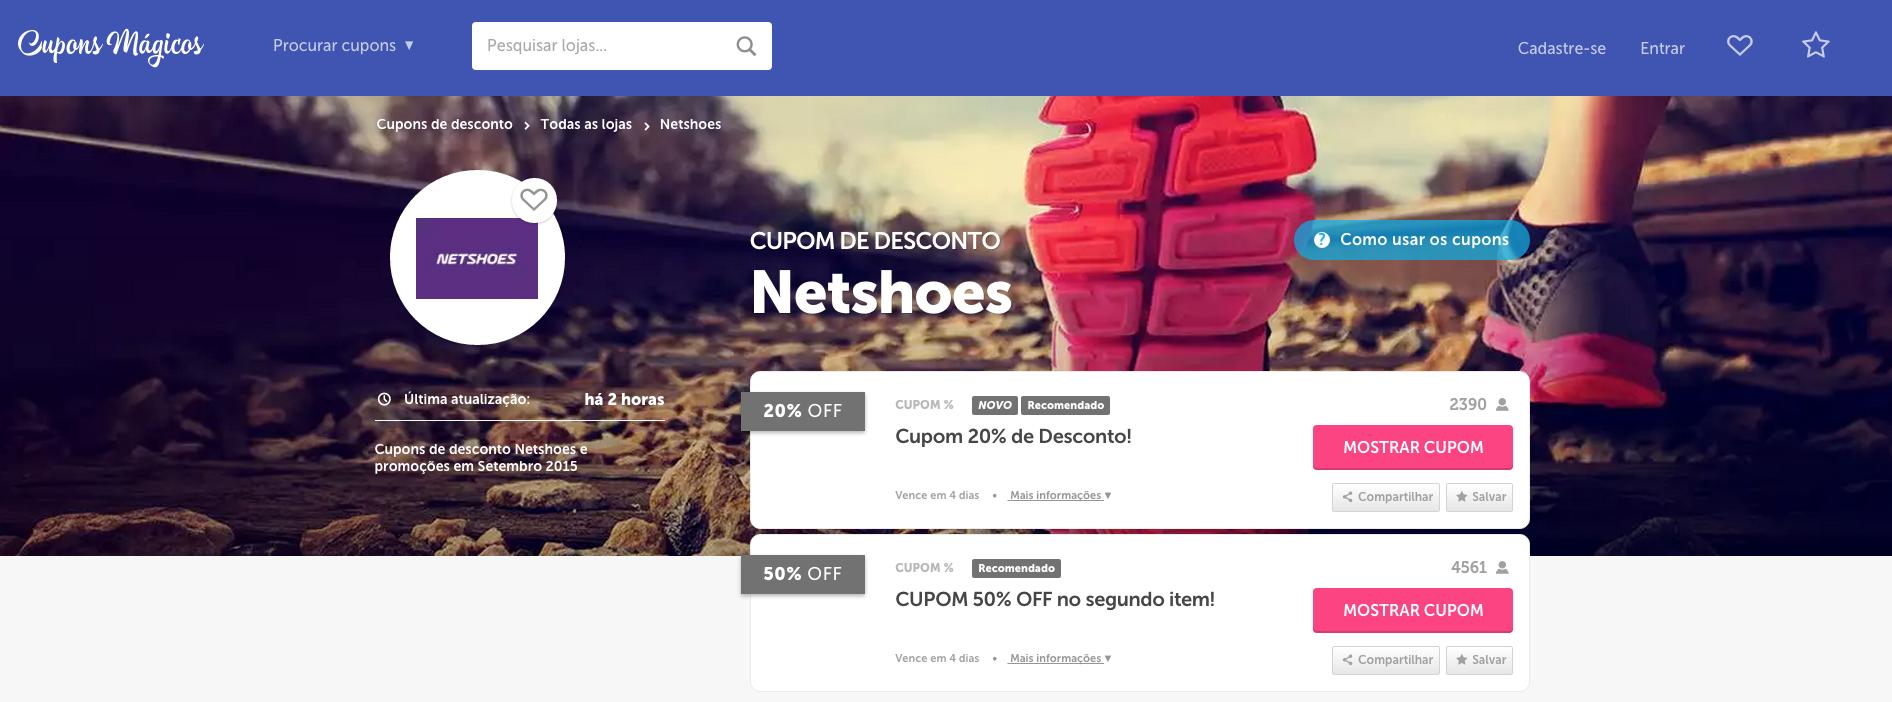 Cupons de descontos Netshoes